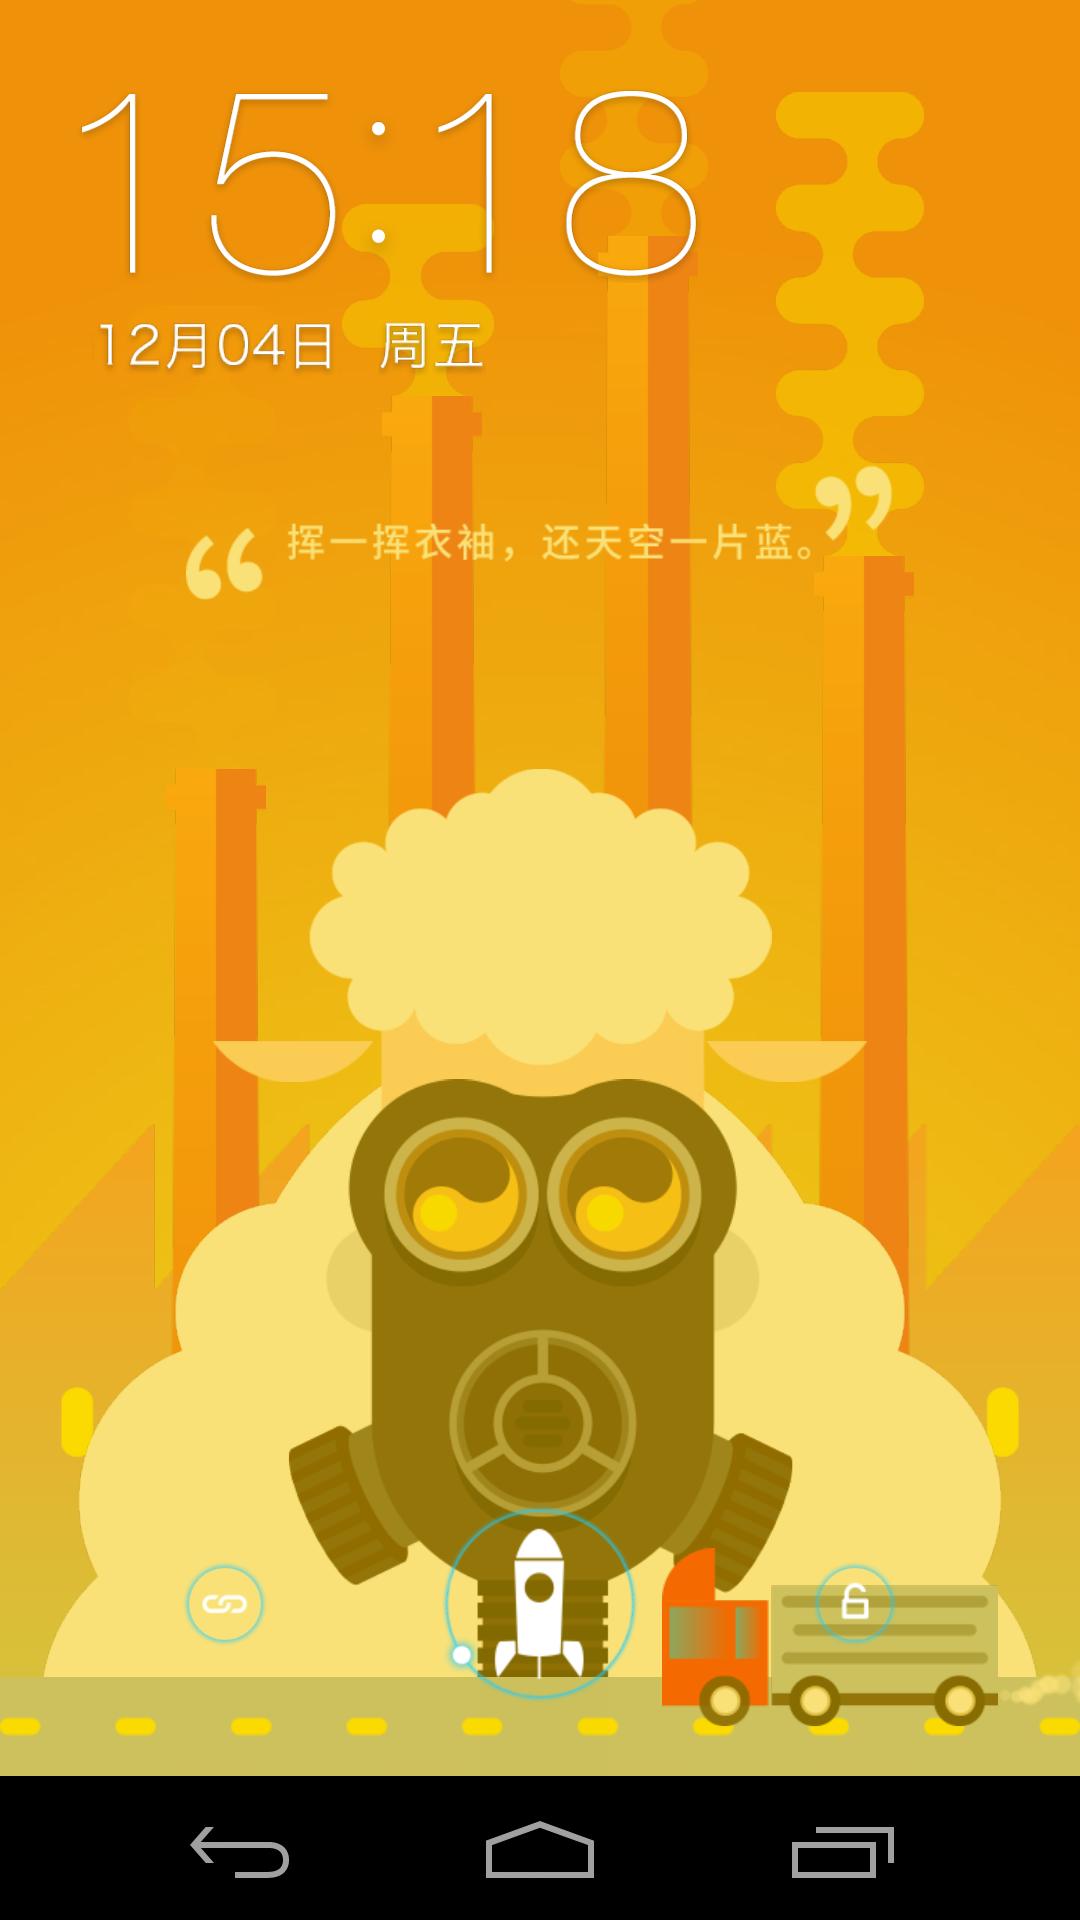 山羊插画-梦象动态壁纸